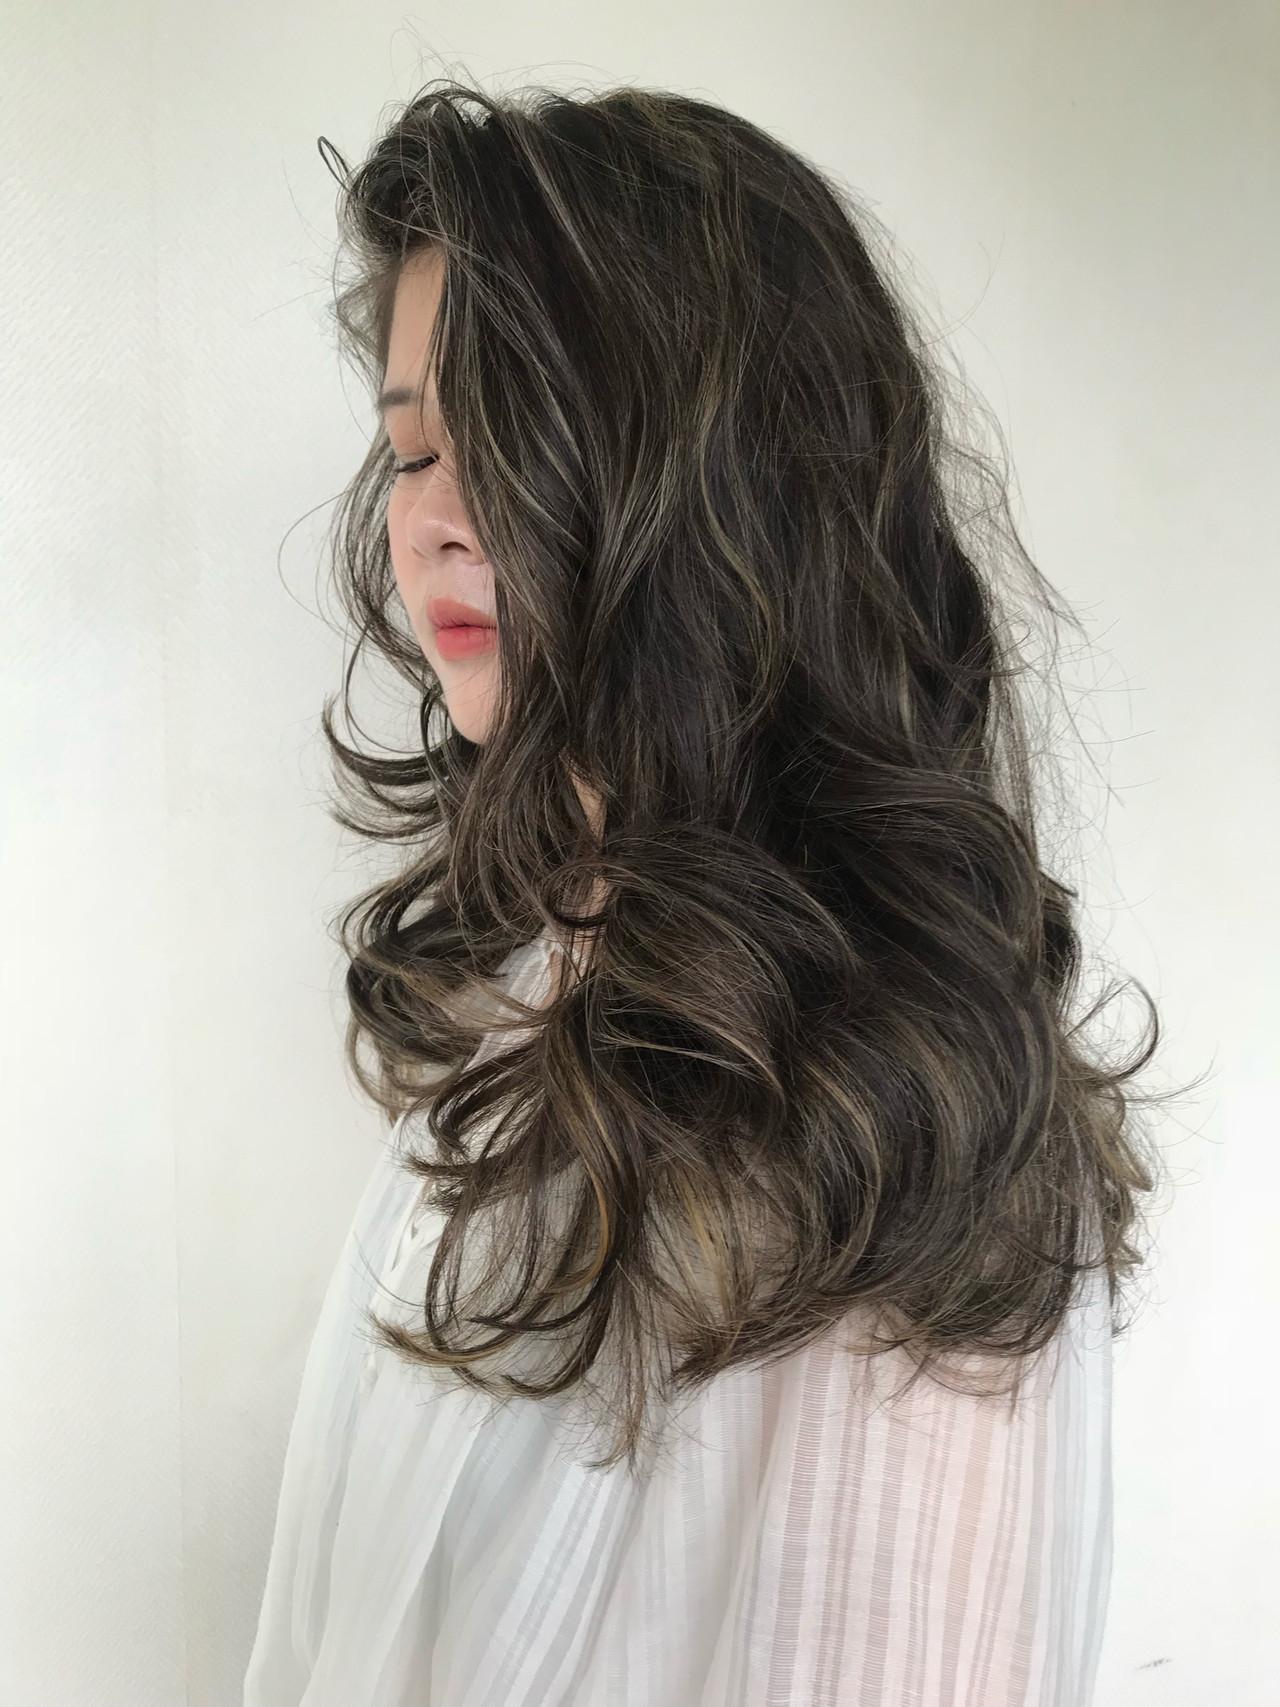 前髪なし ロング アンニュイほつれヘア 3Dハイライト ヘアスタイルや髪型の写真・画像